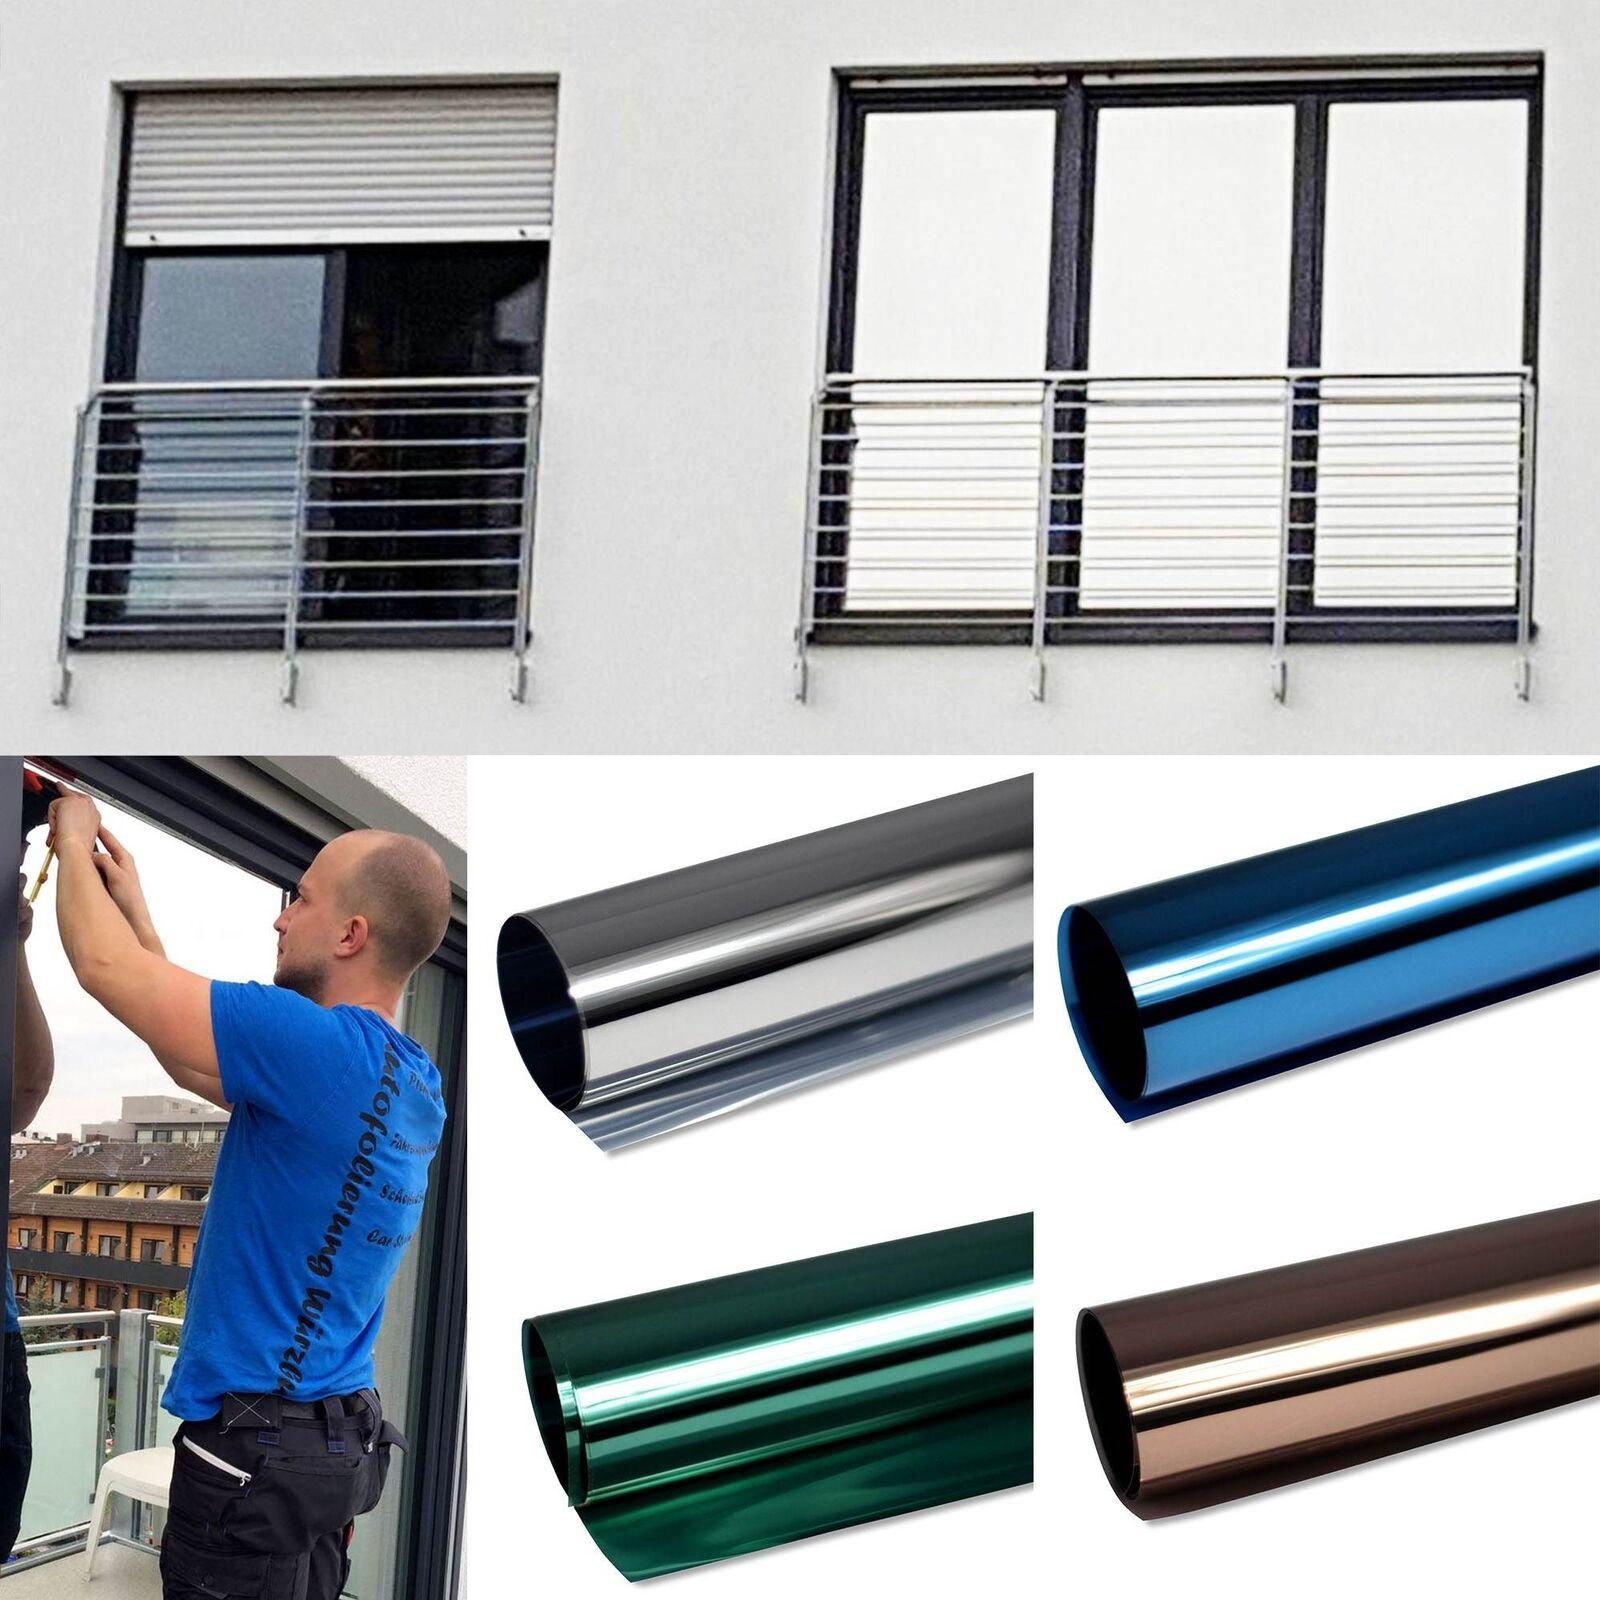 5 49 M Spiegelfolie Fensterfolie Spiegel Folie Fenster Uv